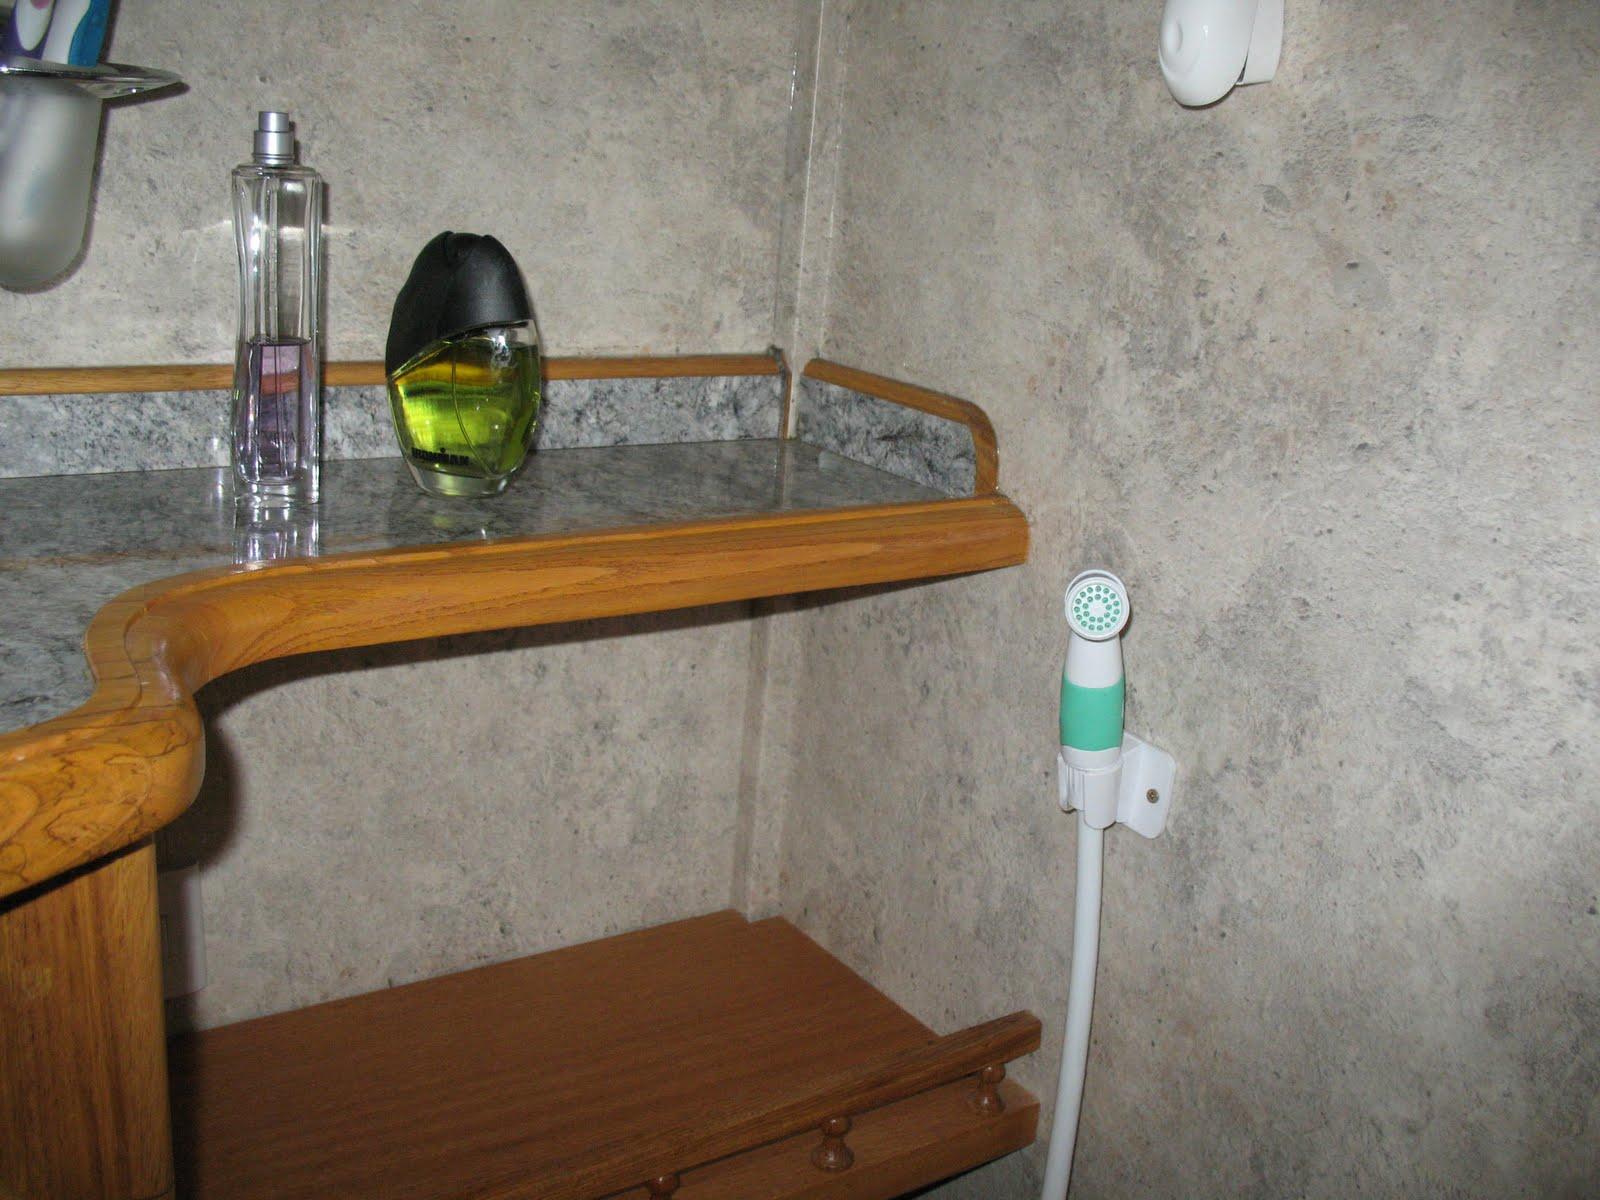 Botiquin Para Baño En Pvc:Amplio estante para articulos del baño, y ducha higienica-